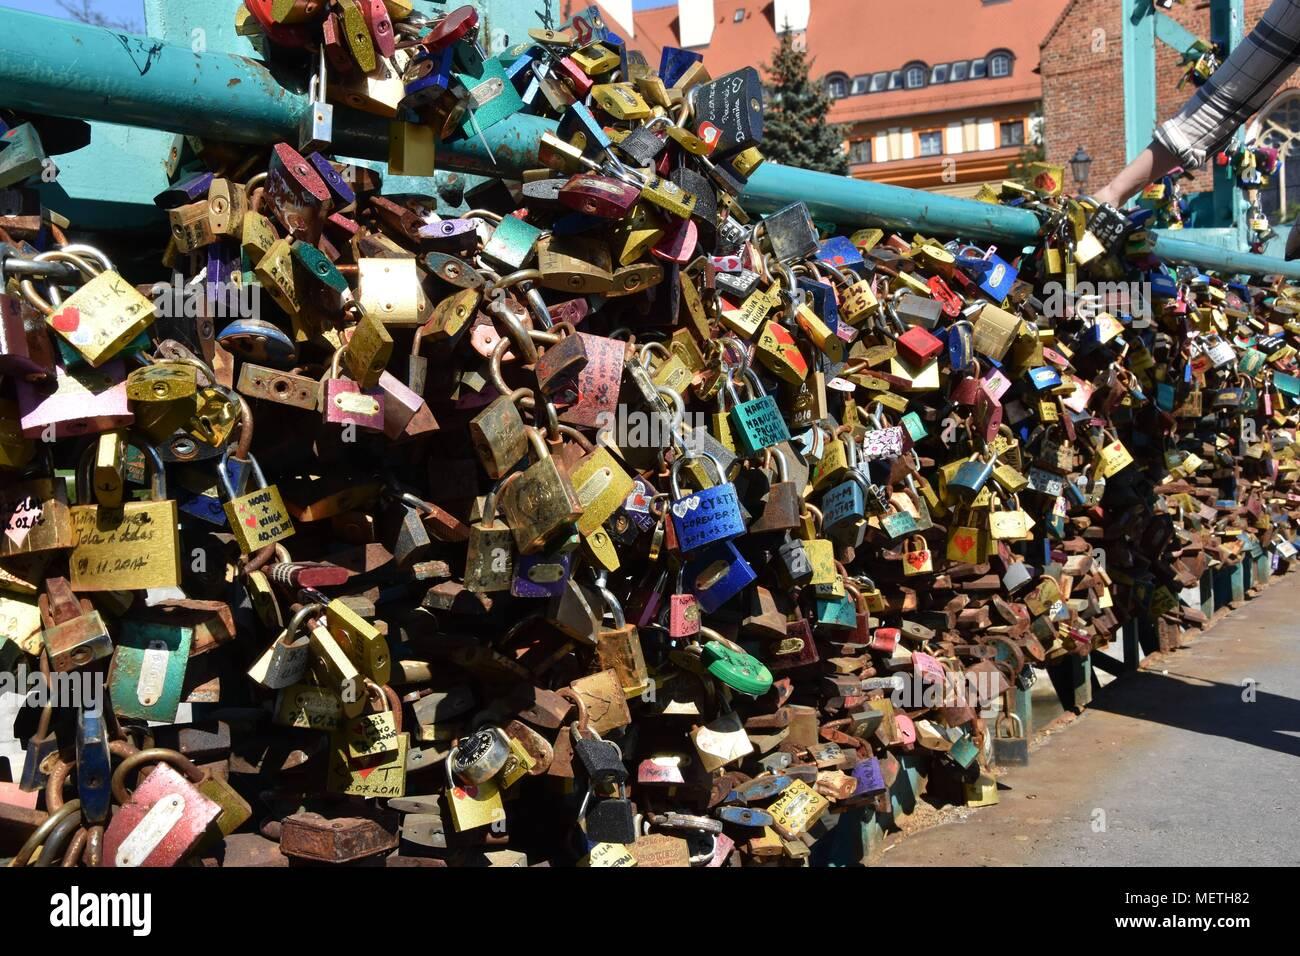 Wroclaw, Poland. 22nd Apr, 2018. April 22.2018 Wroclaw Poland The Tumski Bridge, also known as the bridge of love lovers, has padlocks on it Credit: Piotr Twardysko/ZUMA Wire/Alamy Live News Stock Photo